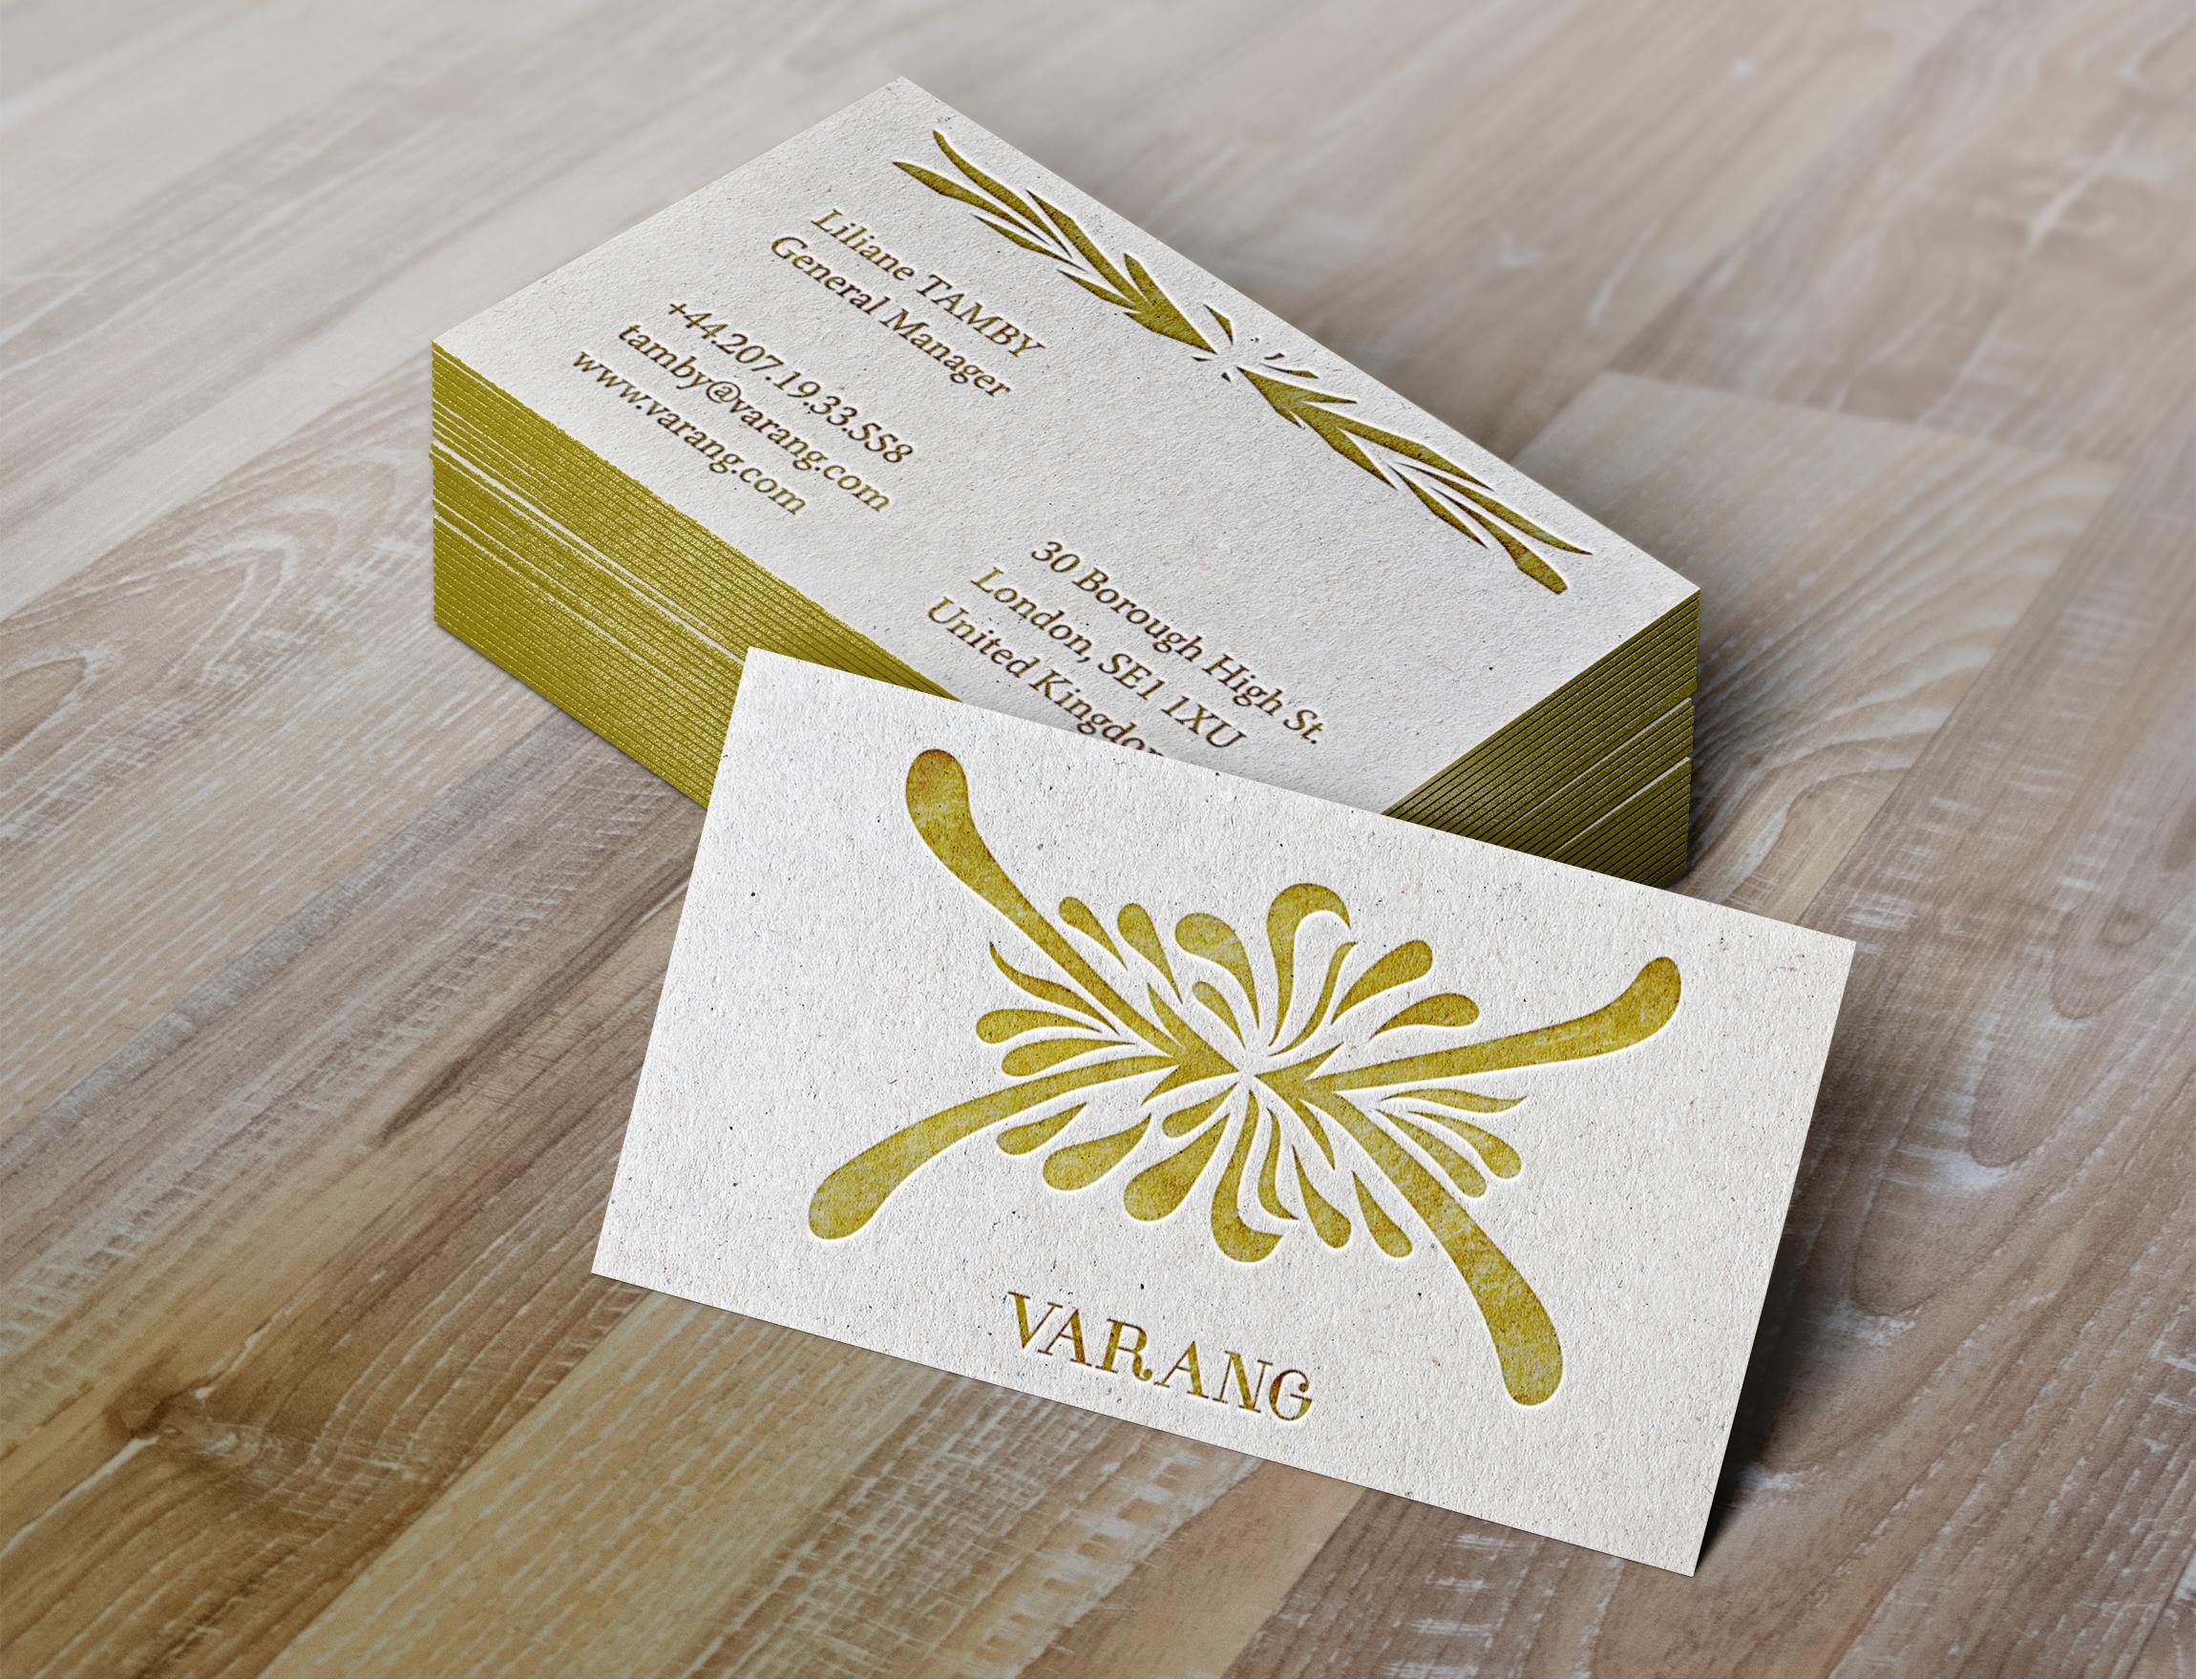 Varang - Business Card